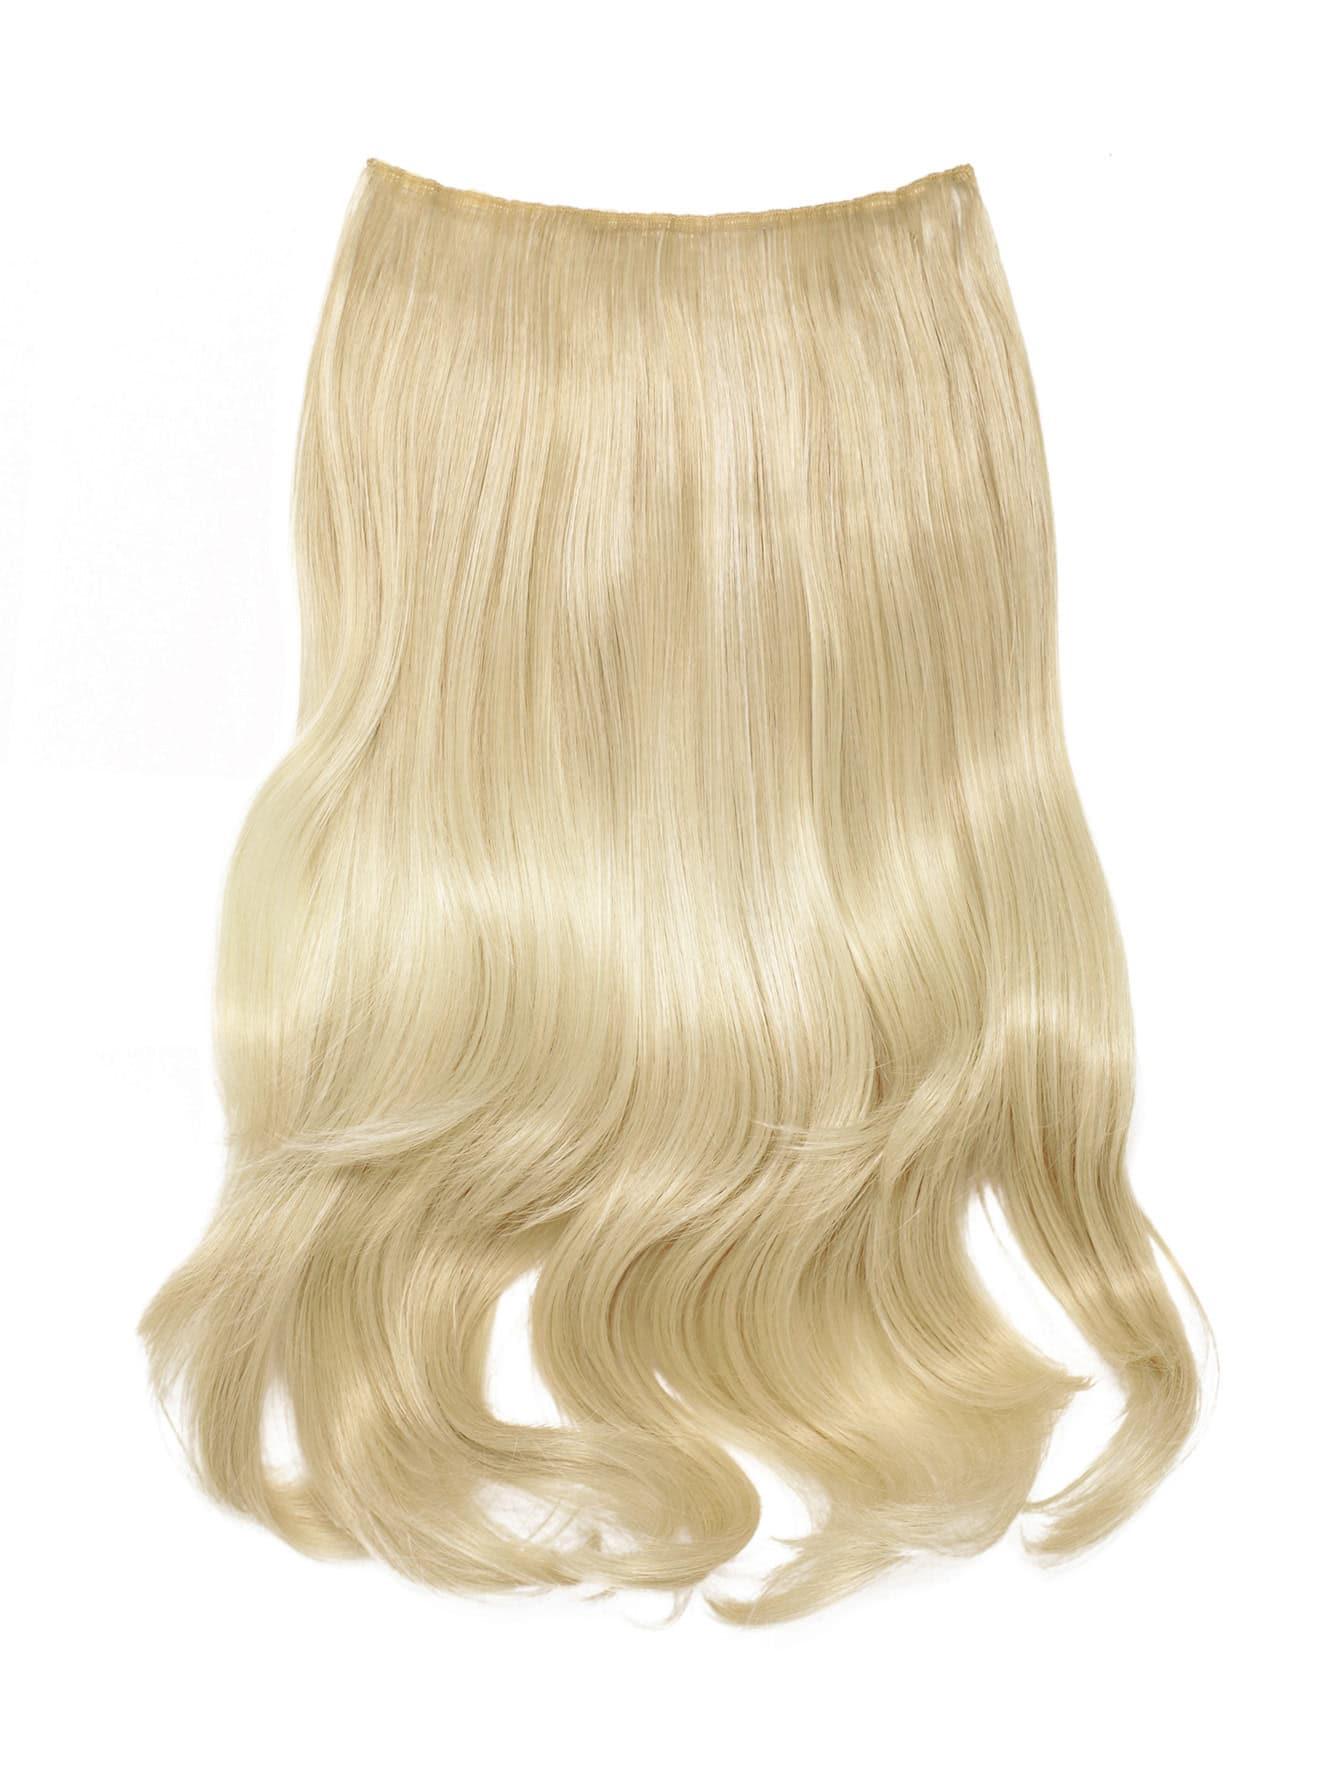 Фото Curly Hair Weft With Clip. Купить с доставкой